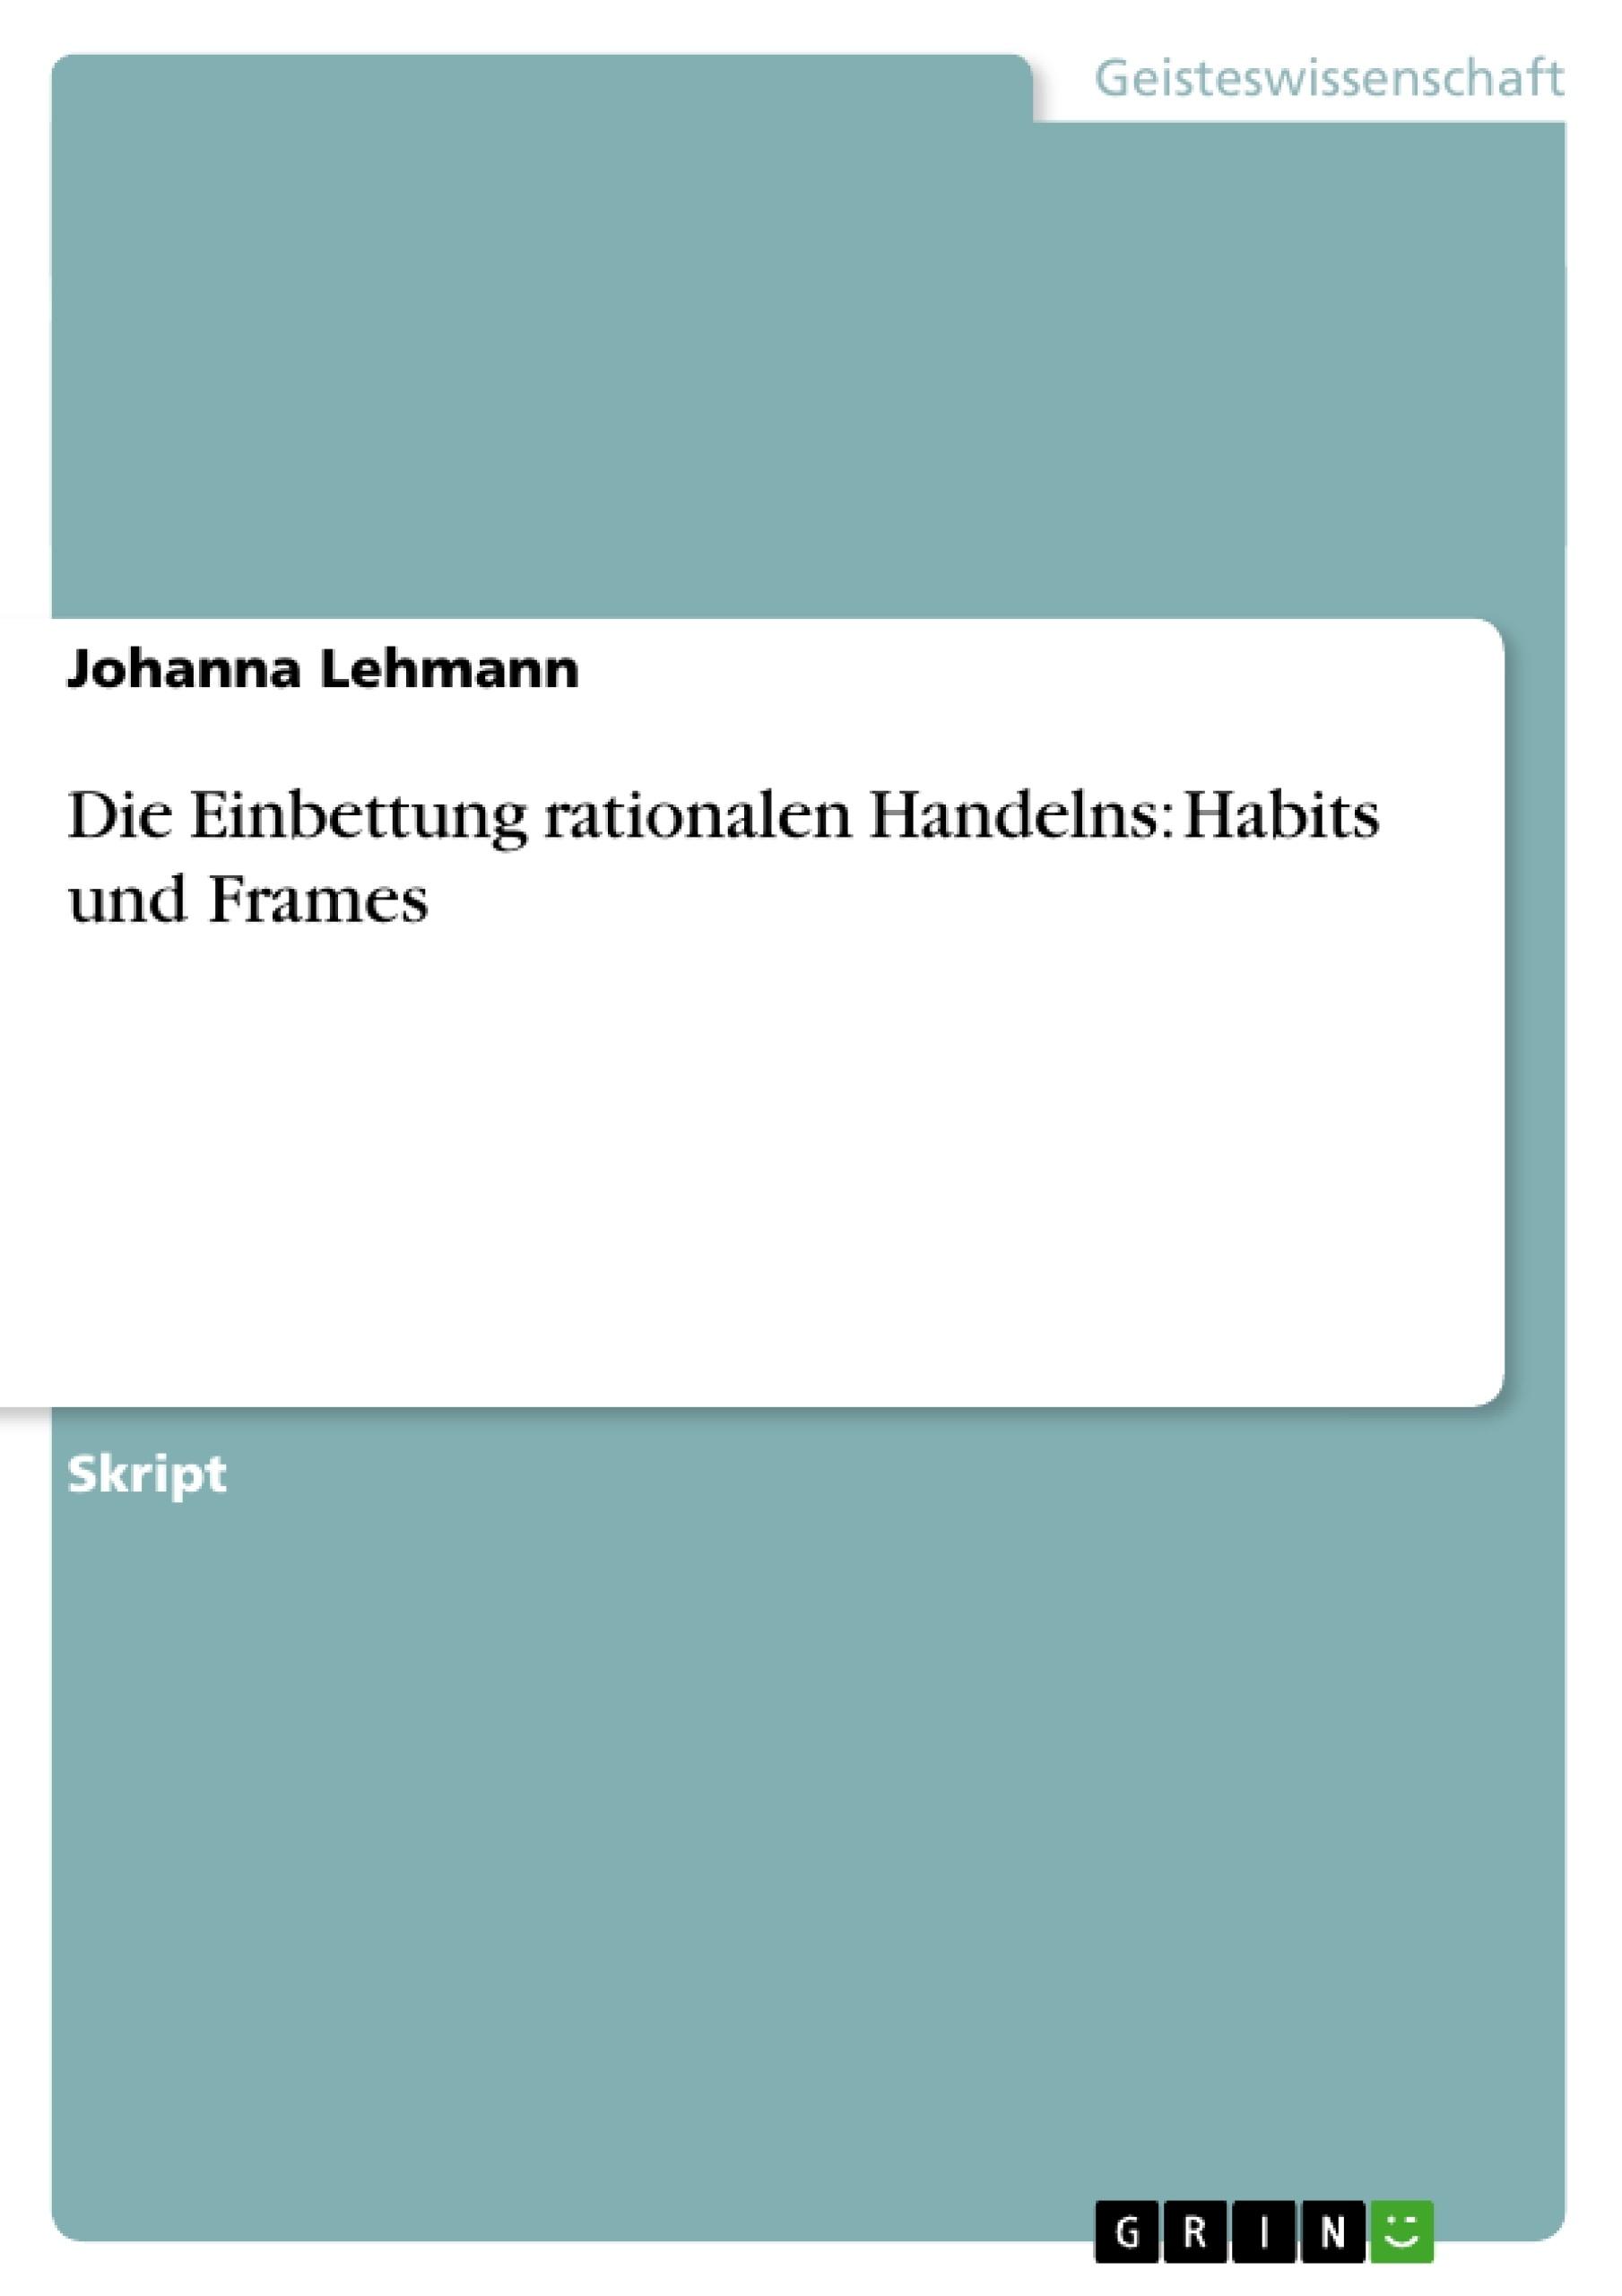 Titel: Die Einbettung rationalen Handelns: Habits und Frames